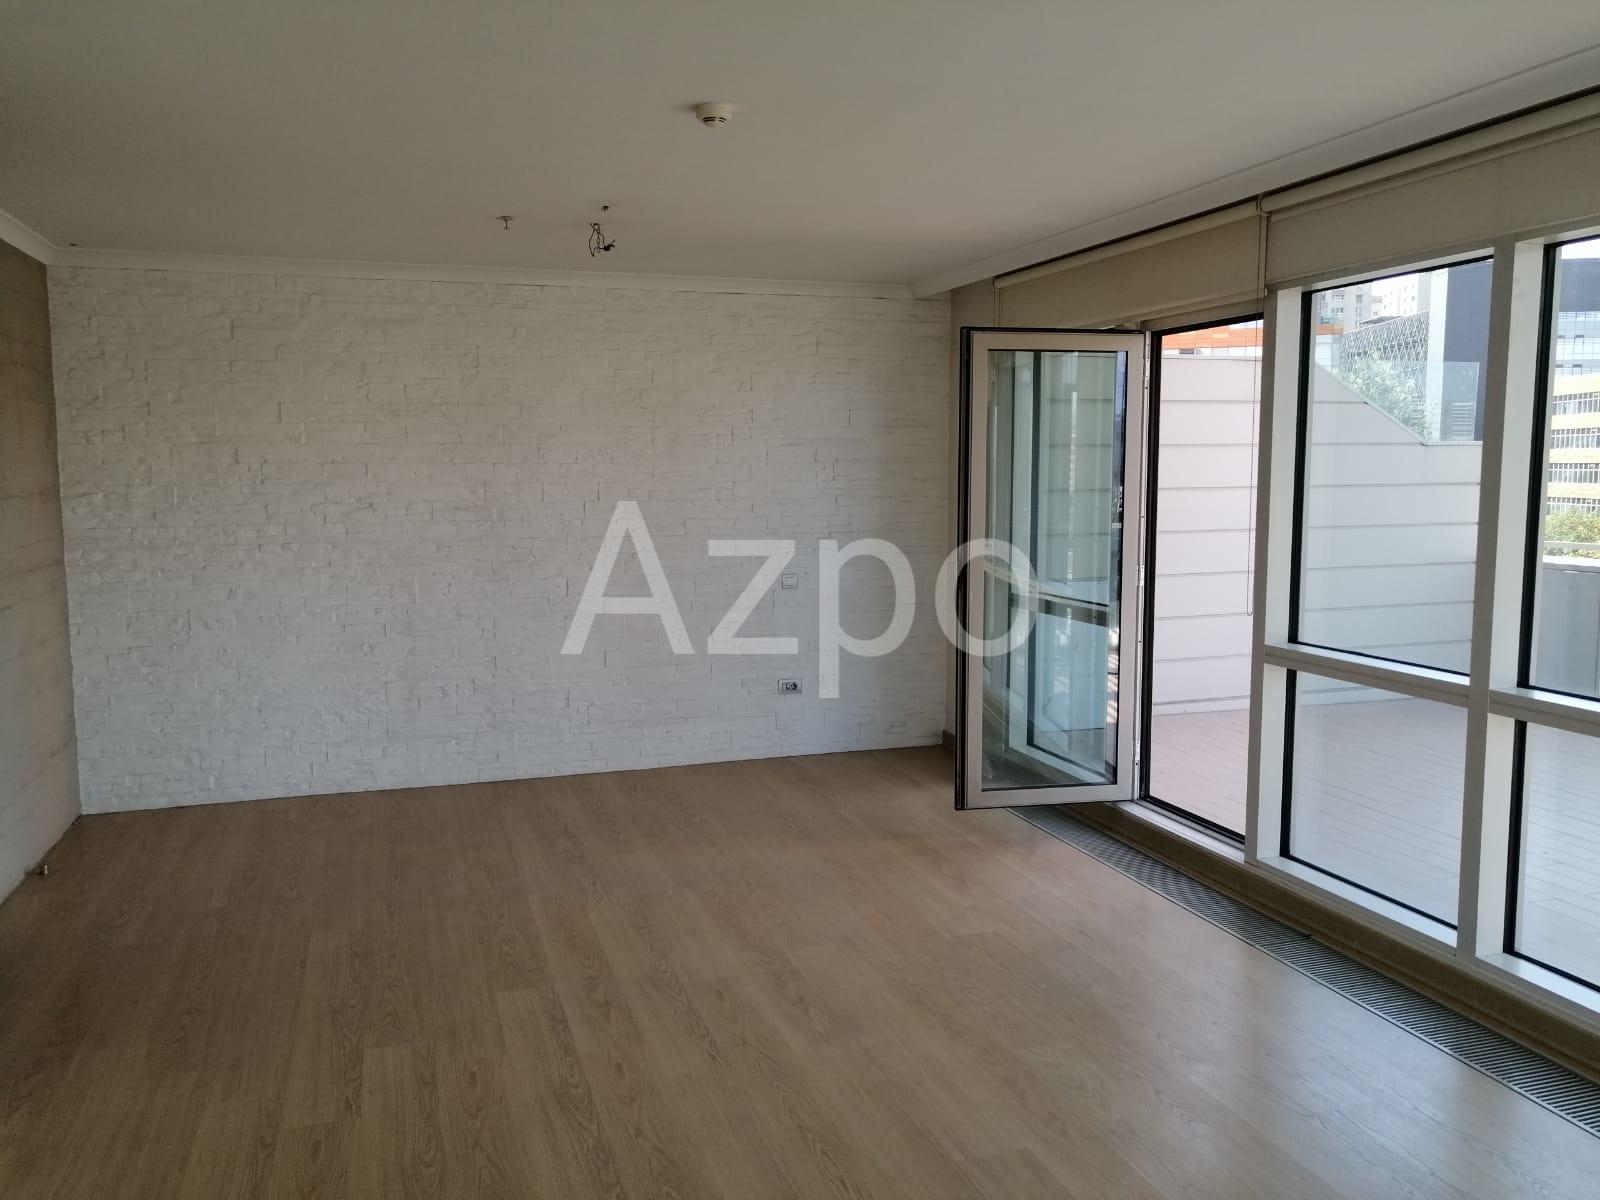 Квартира 3+1 с большой террасой - Фото 7